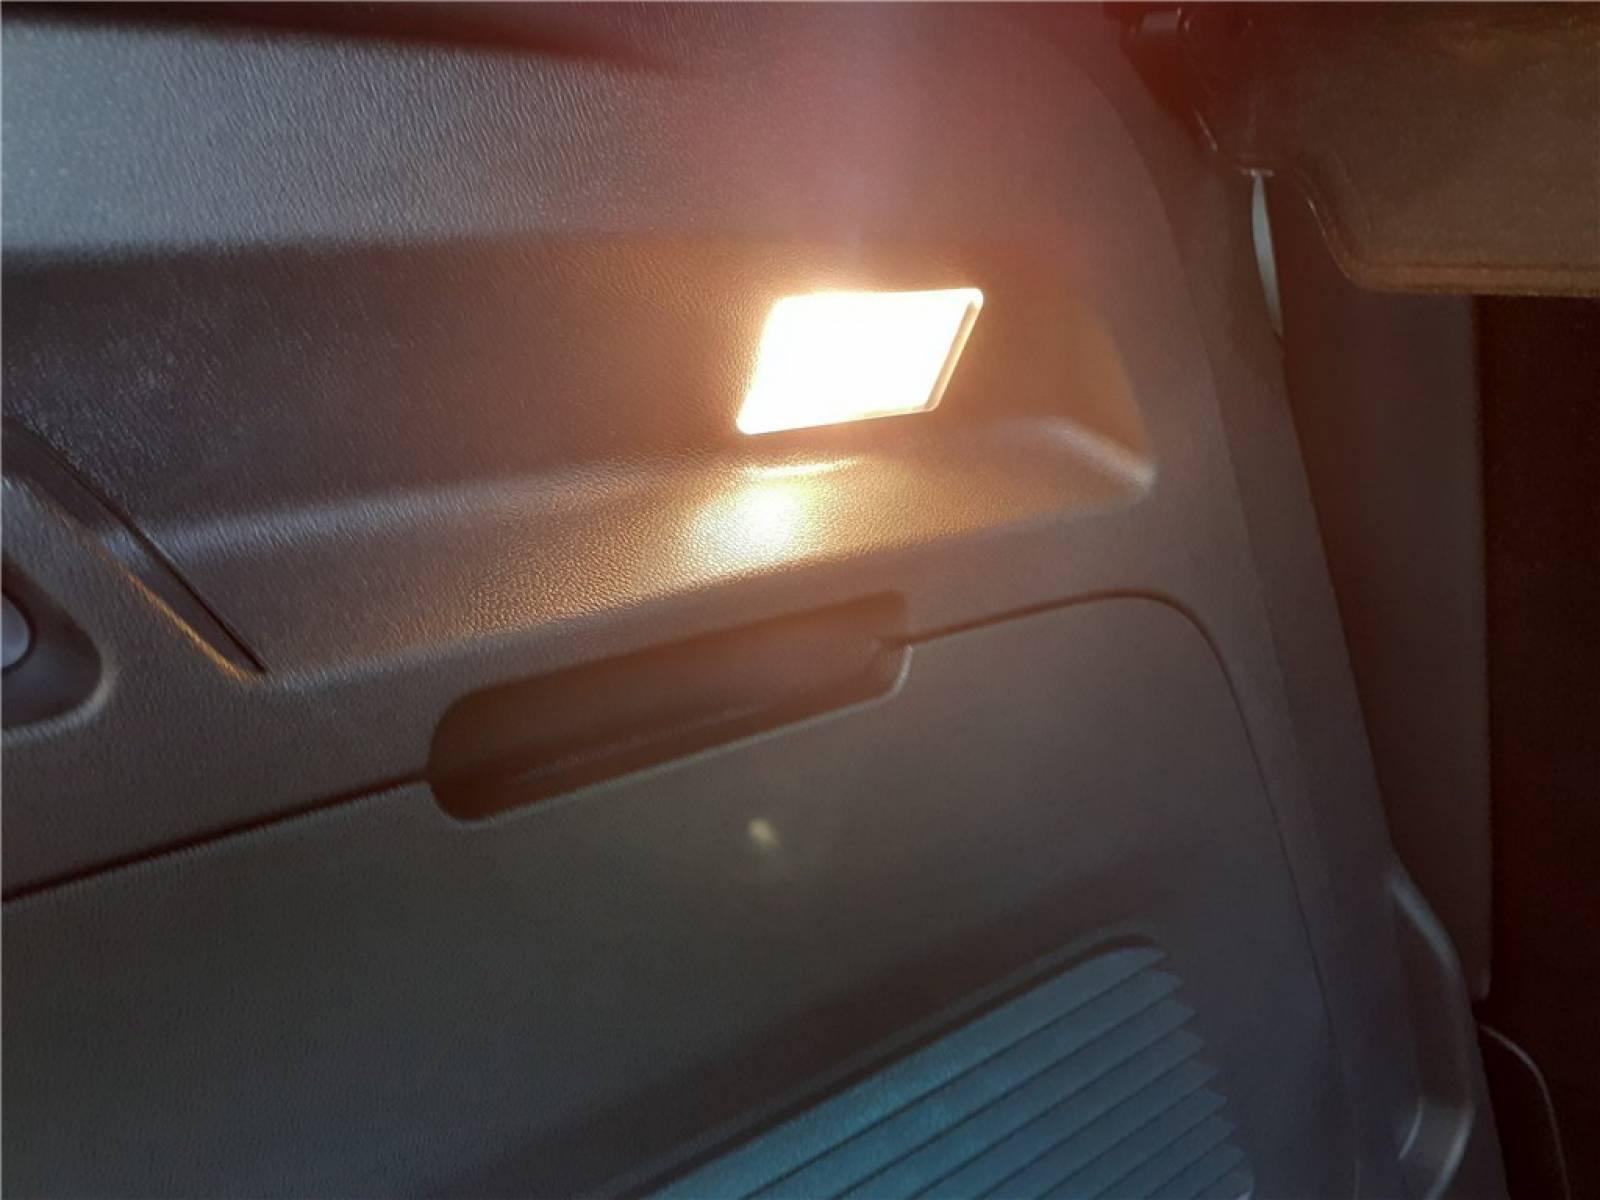 OPEL Crossland 1.5 D 110 ch BVM6 - véhicule d'occasion - Groupe Guillet - Opel Magicauto - Chalon-sur-Saône - 71380 - Saint-Marcel - 20